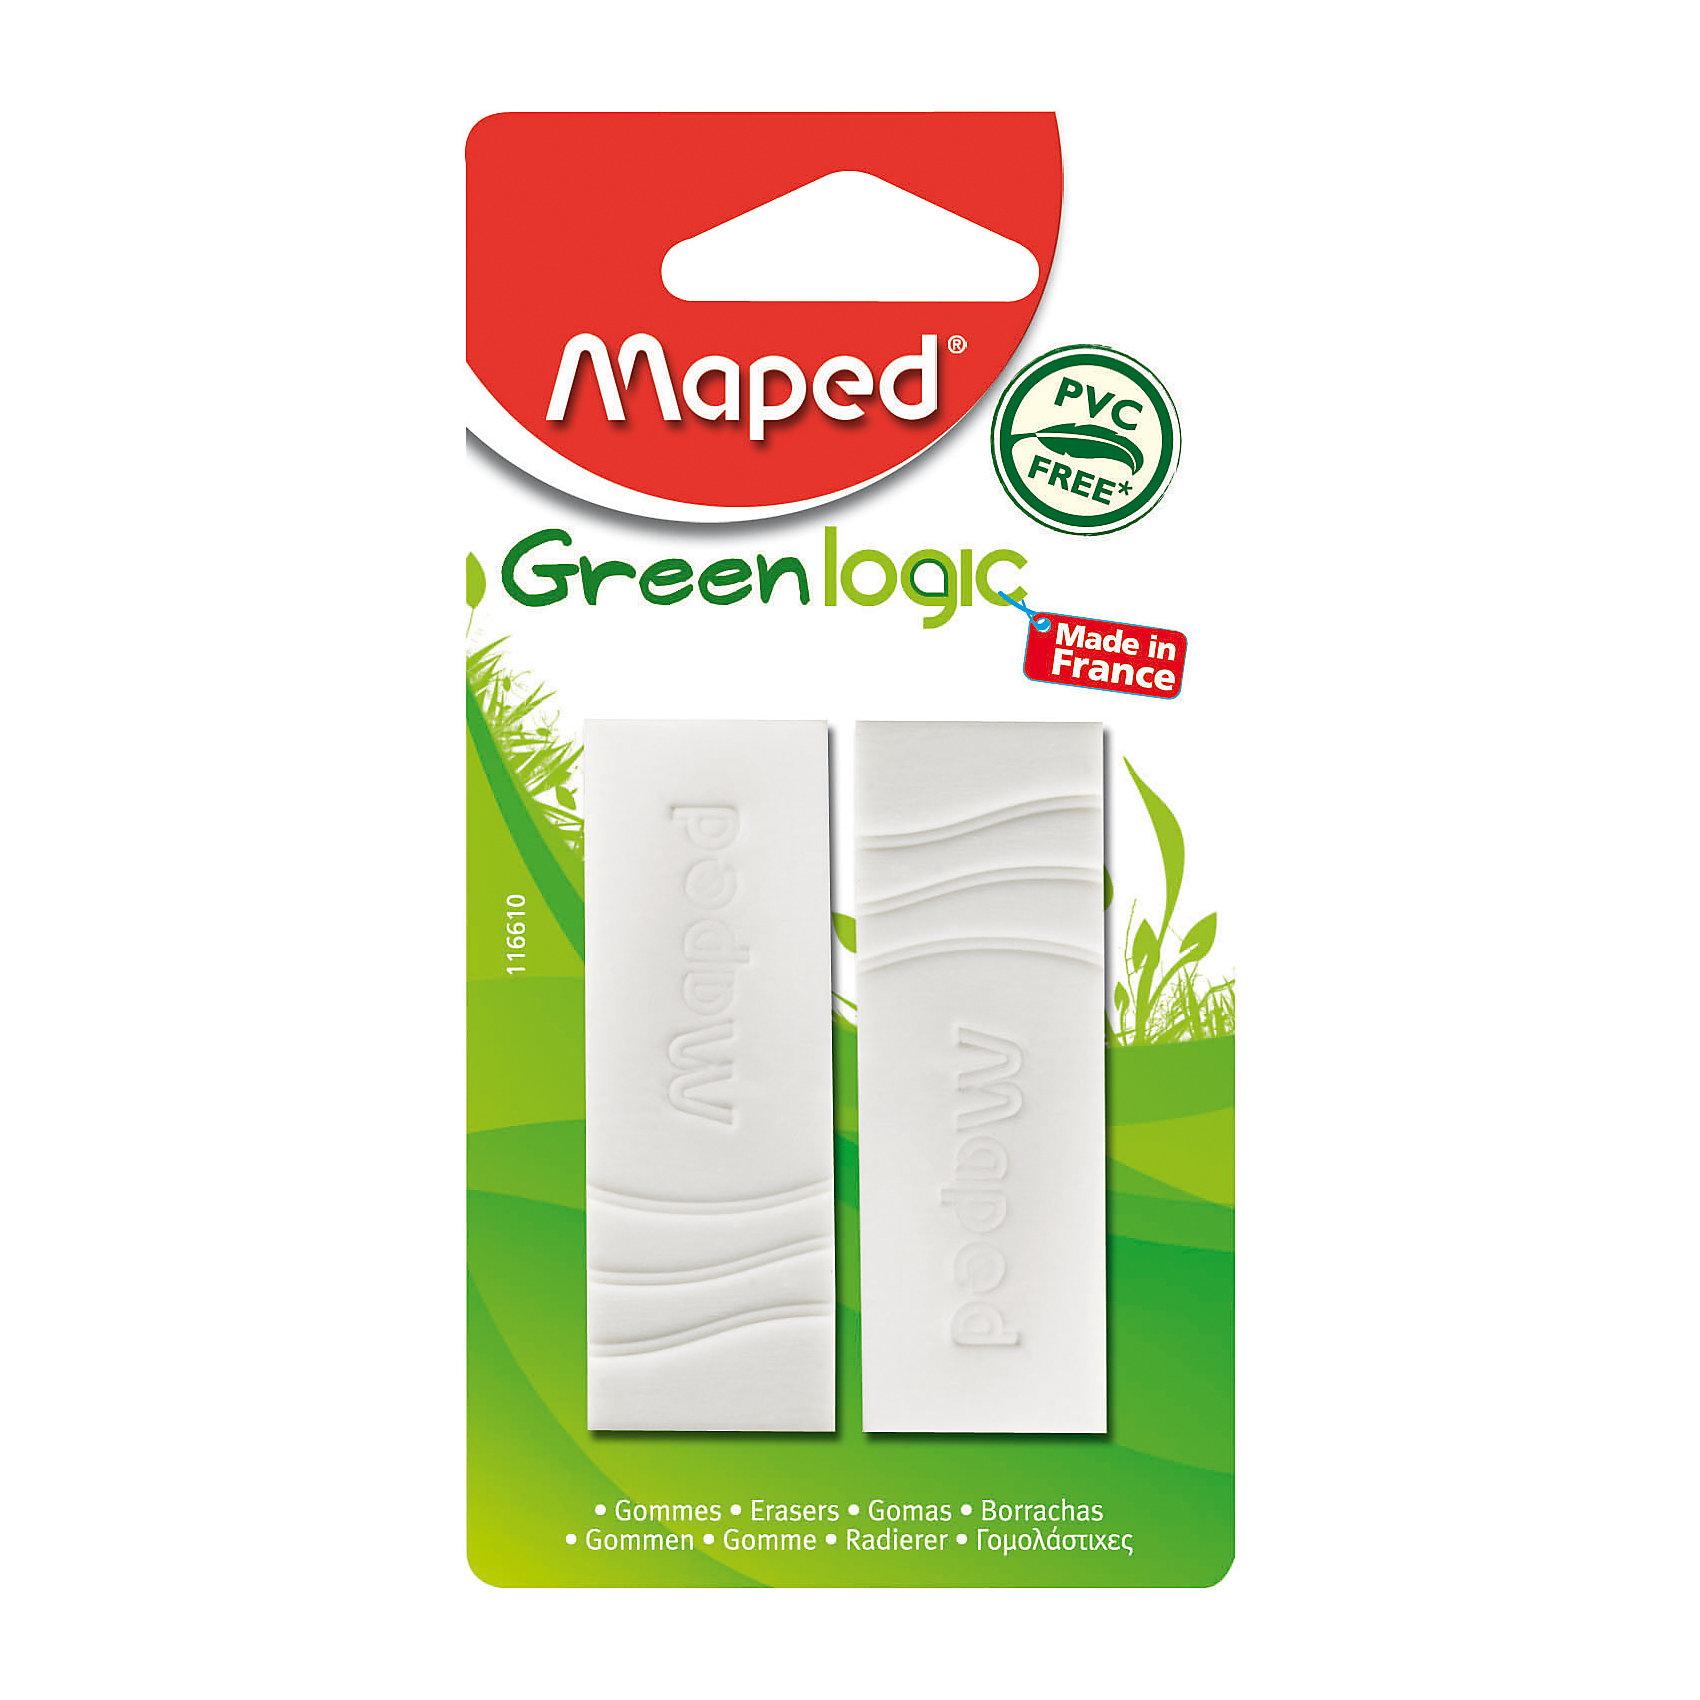 Ластик Maped Green Ljgic 2 шт.Чертежные принадлежности<br>Мягкий ластик Green Logic. В наборе 2 штуки. Без ПВХ и фталатов. Безопасно для детей и людей с аллергией.<br><br>Ширина мм: 19<br>Глубина мм: 65<br>Высота мм: 125<br>Вес г: 41<br>Возраст от месяцев: 36<br>Возраст до месяцев: 2147483647<br>Пол: Унисекс<br>Возраст: Детский<br>SKU: 7065311